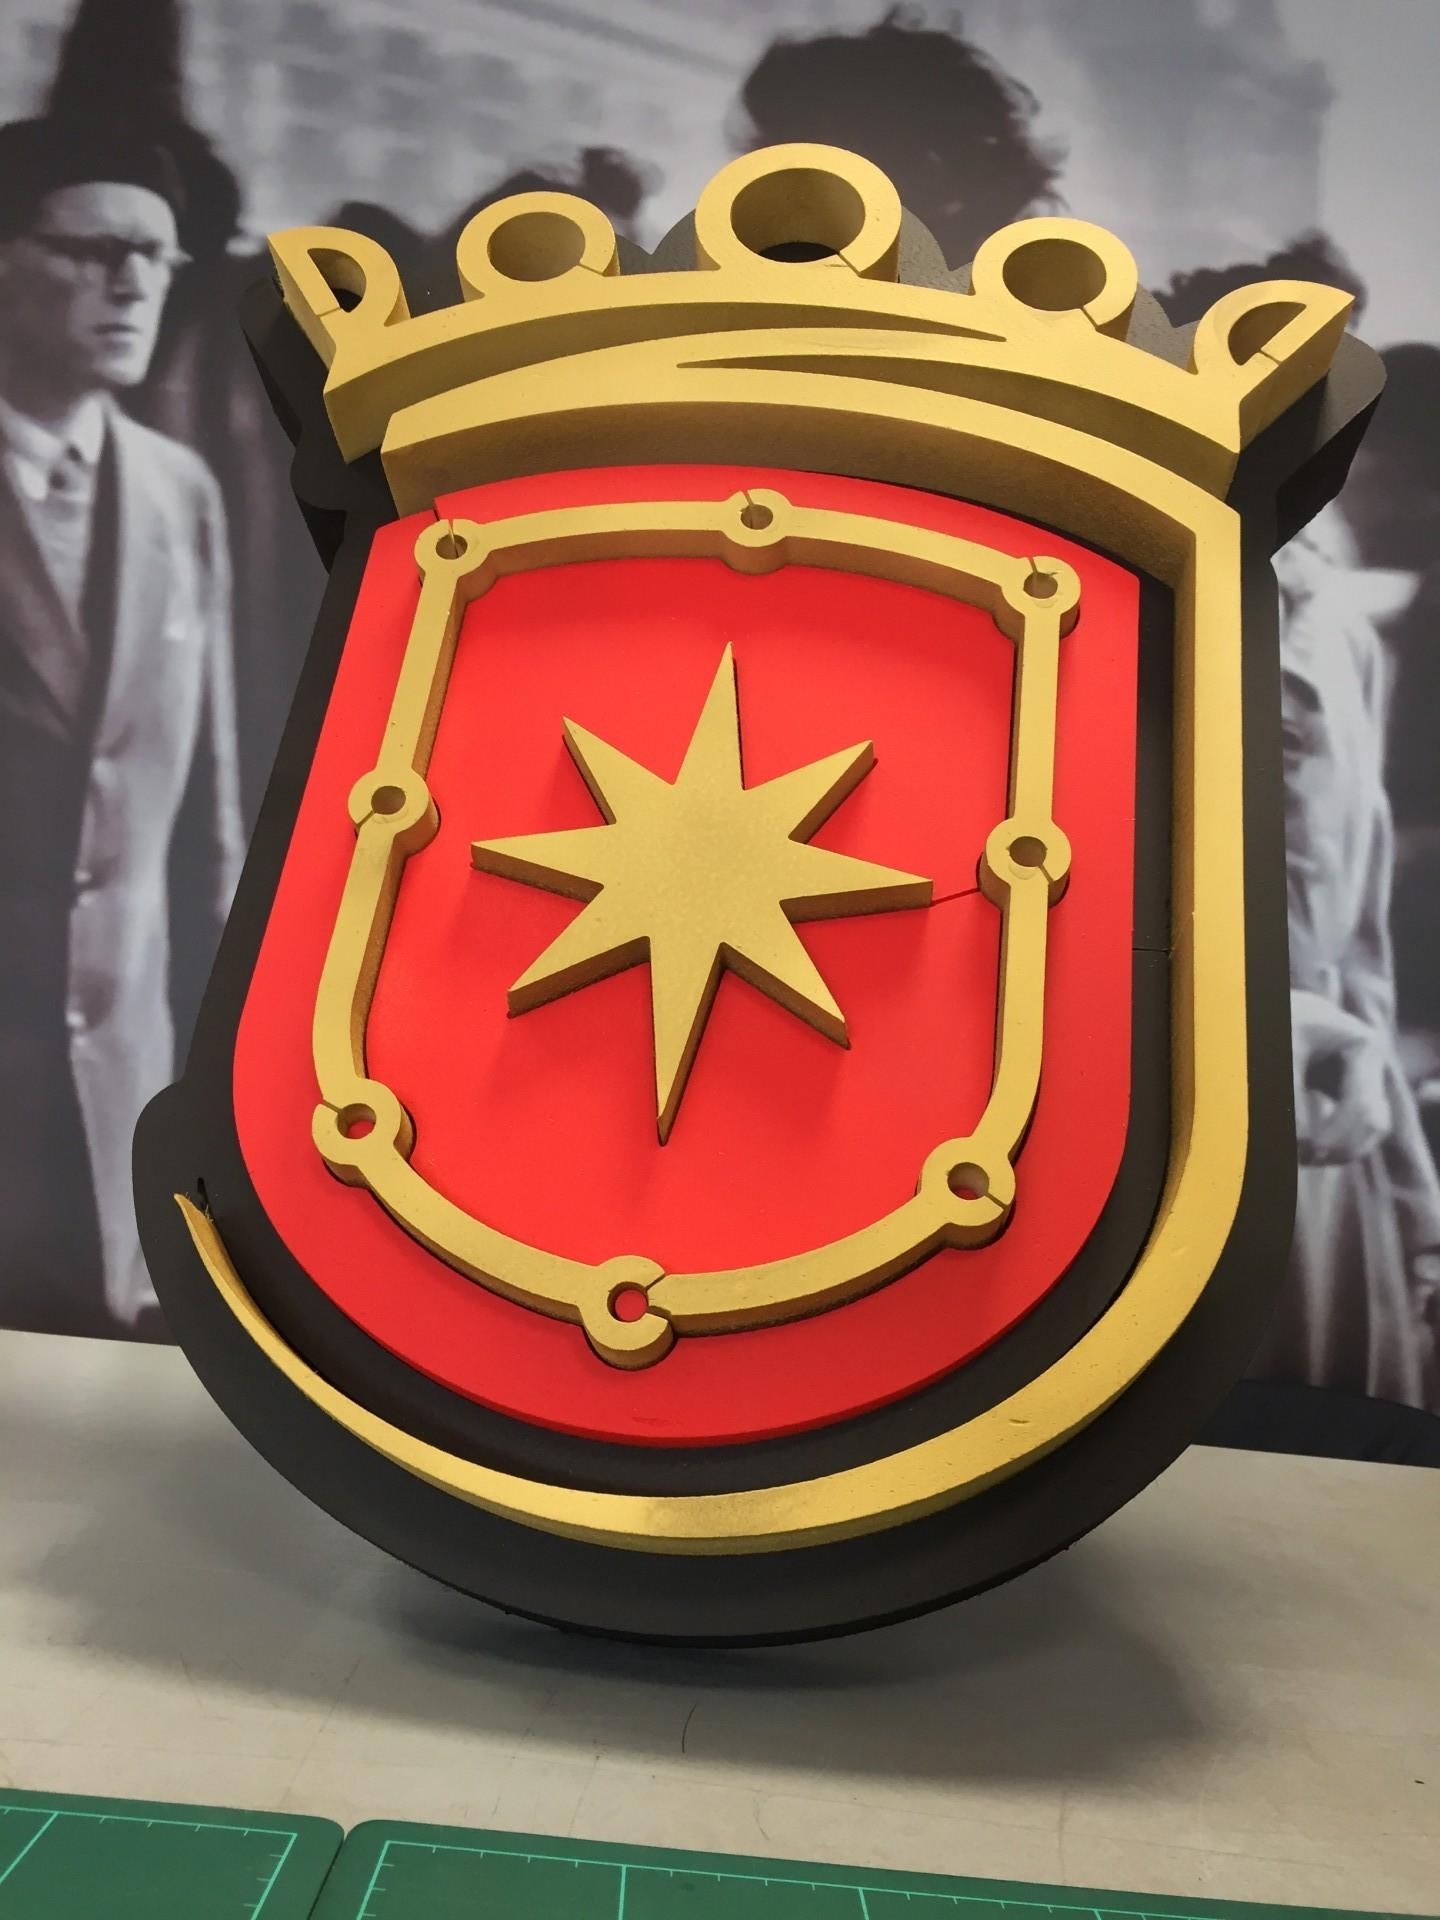 estella_escudo_logo_cartel_poliestireno_letrero_regalo_ESTELLA_NAVARRA_IMPRESIÓN_DISEÑO_VINILOS_ROTULACIÓN